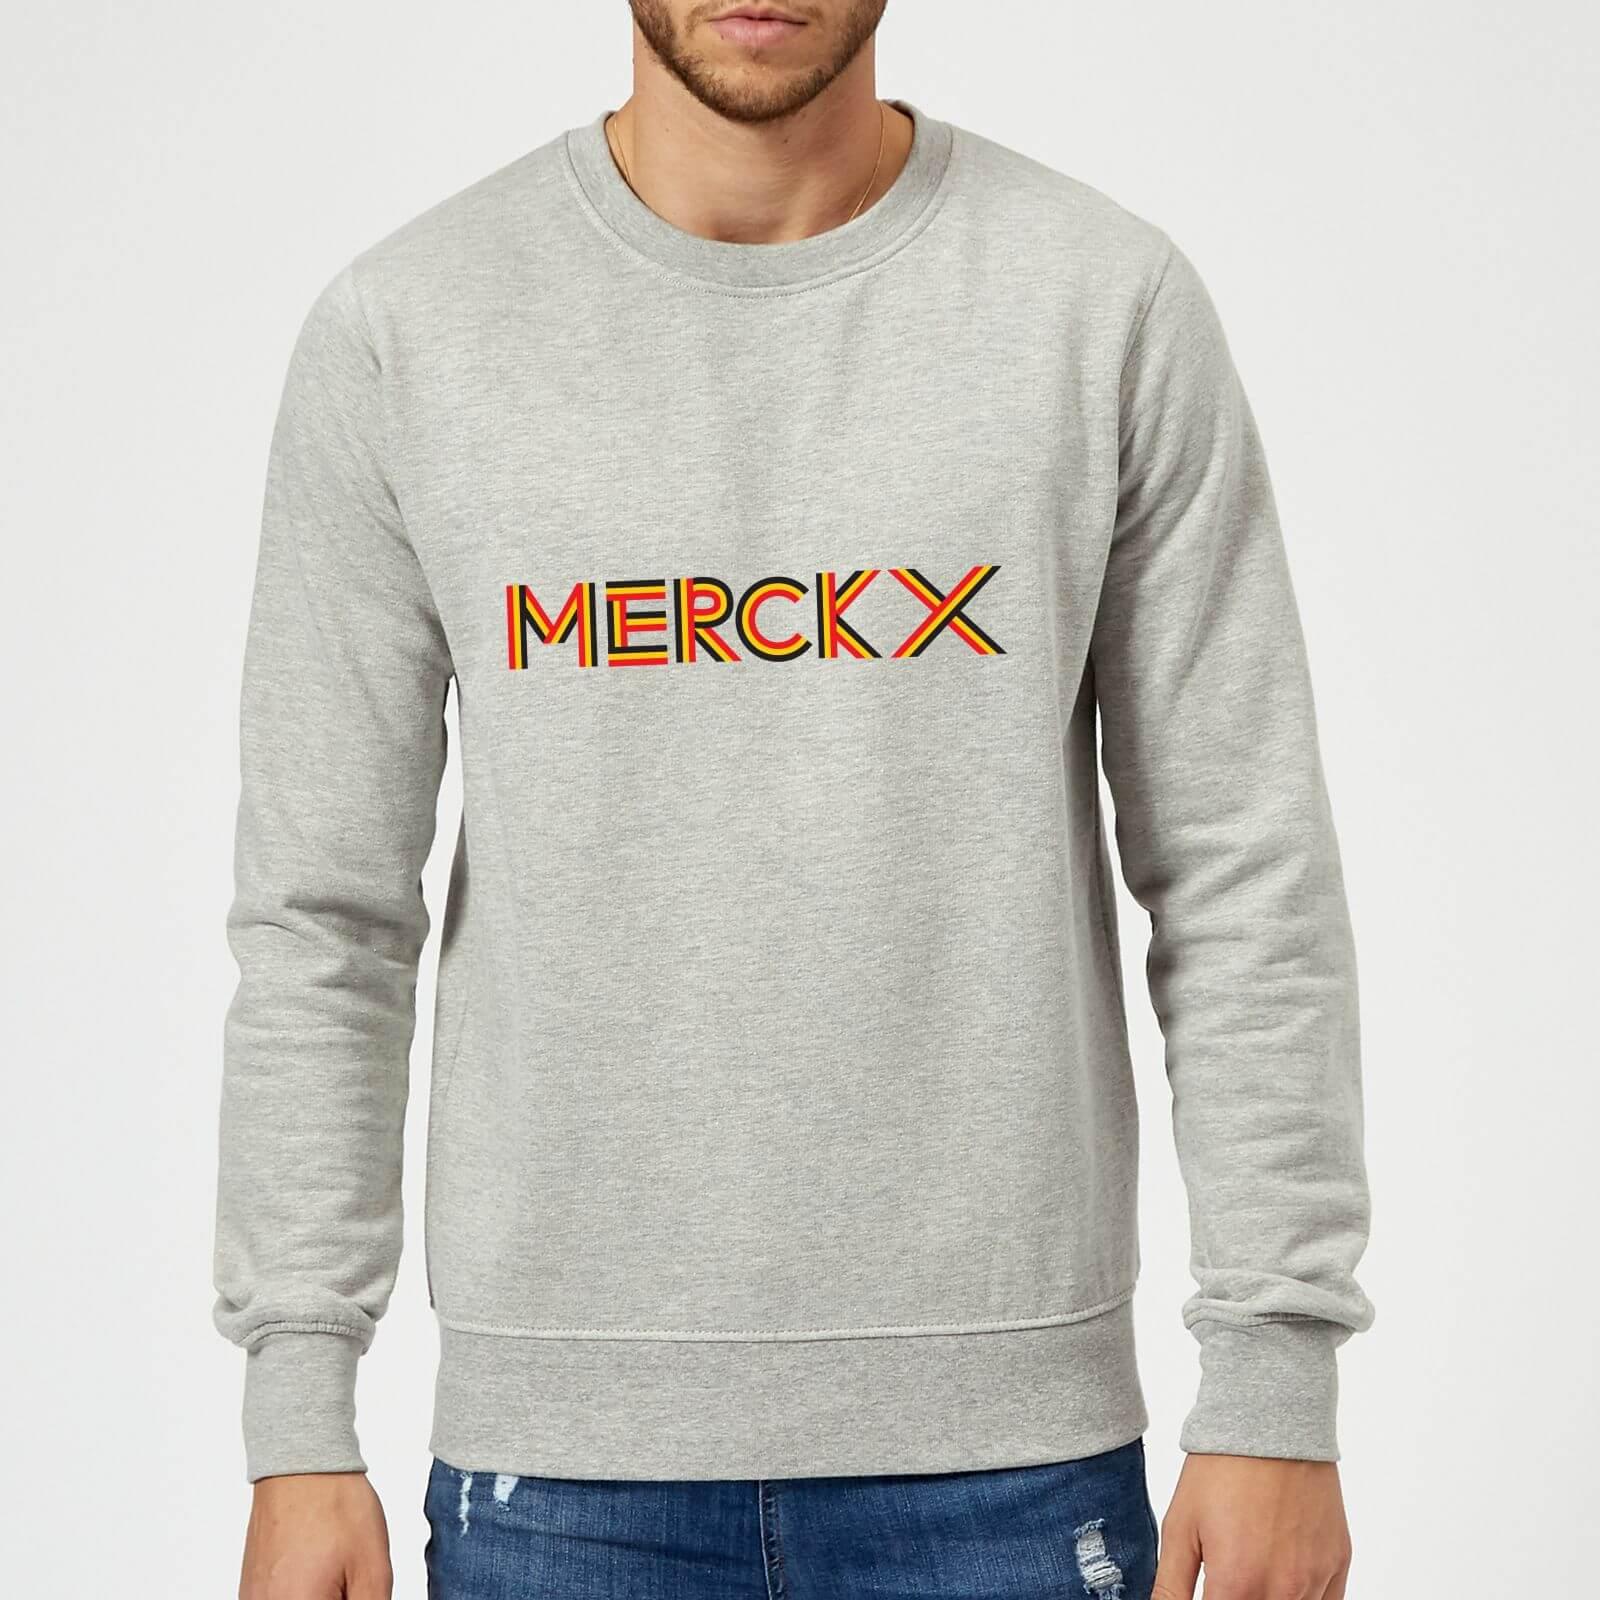 Summit Finish Merckx - Rider Name Sweatshirt - Grey - XL - Grey